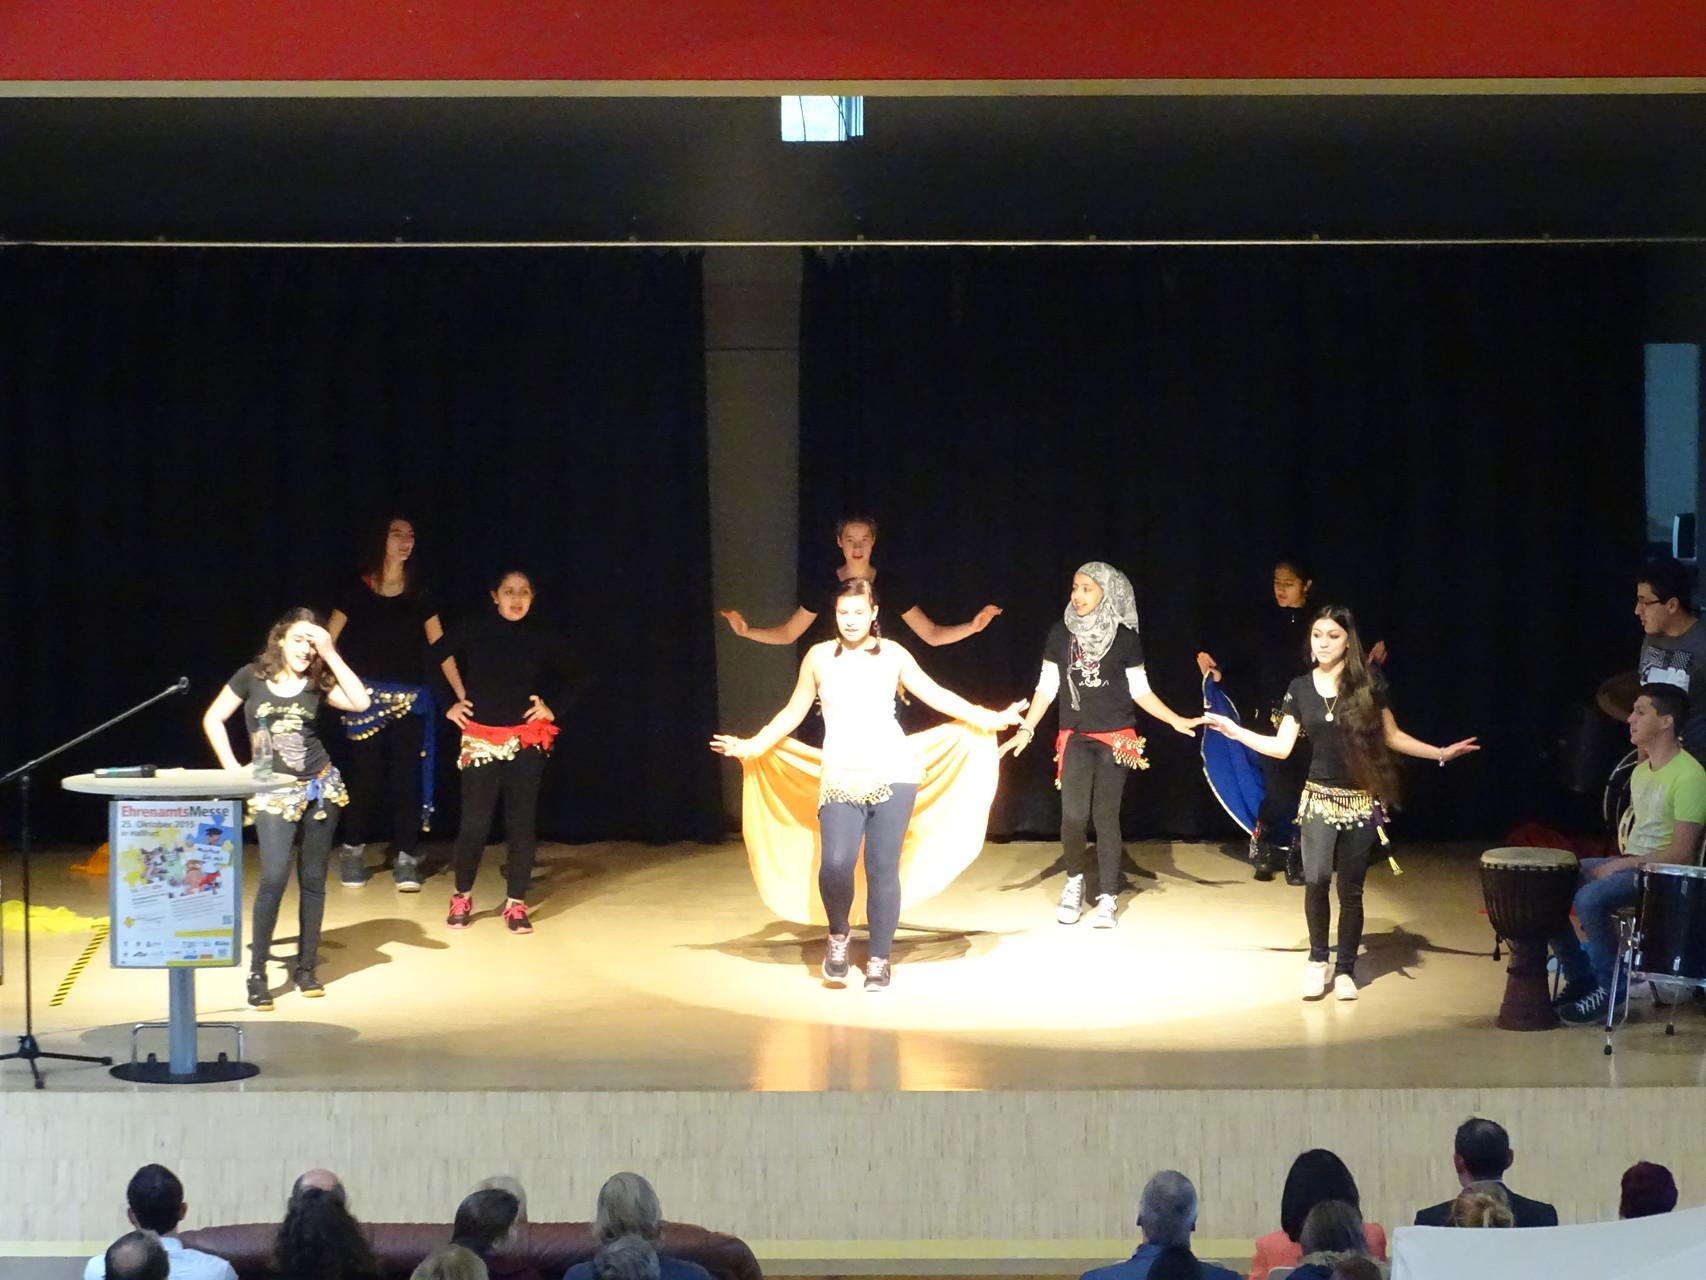 Tanzeinlage von Flüchtlingskindern zur Eröffnung - gelebte Integration!